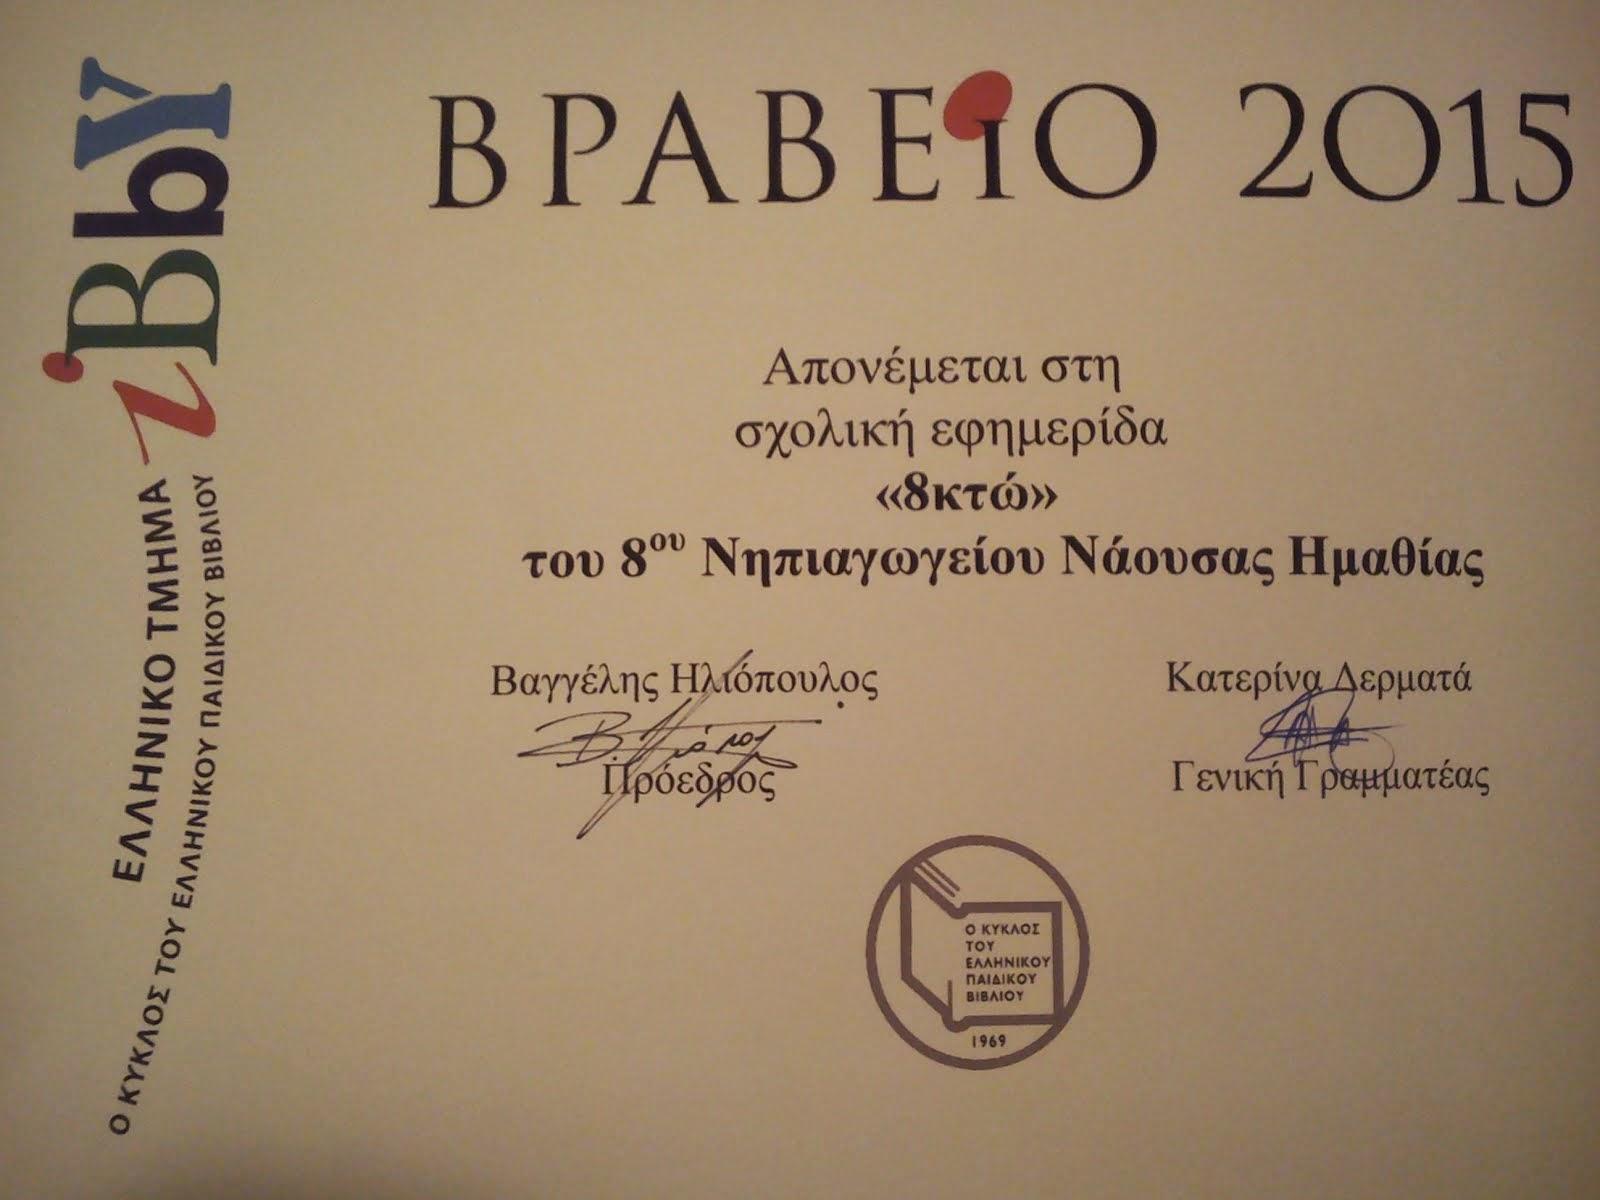 Βραβείο Μαθητικού Εντύπου